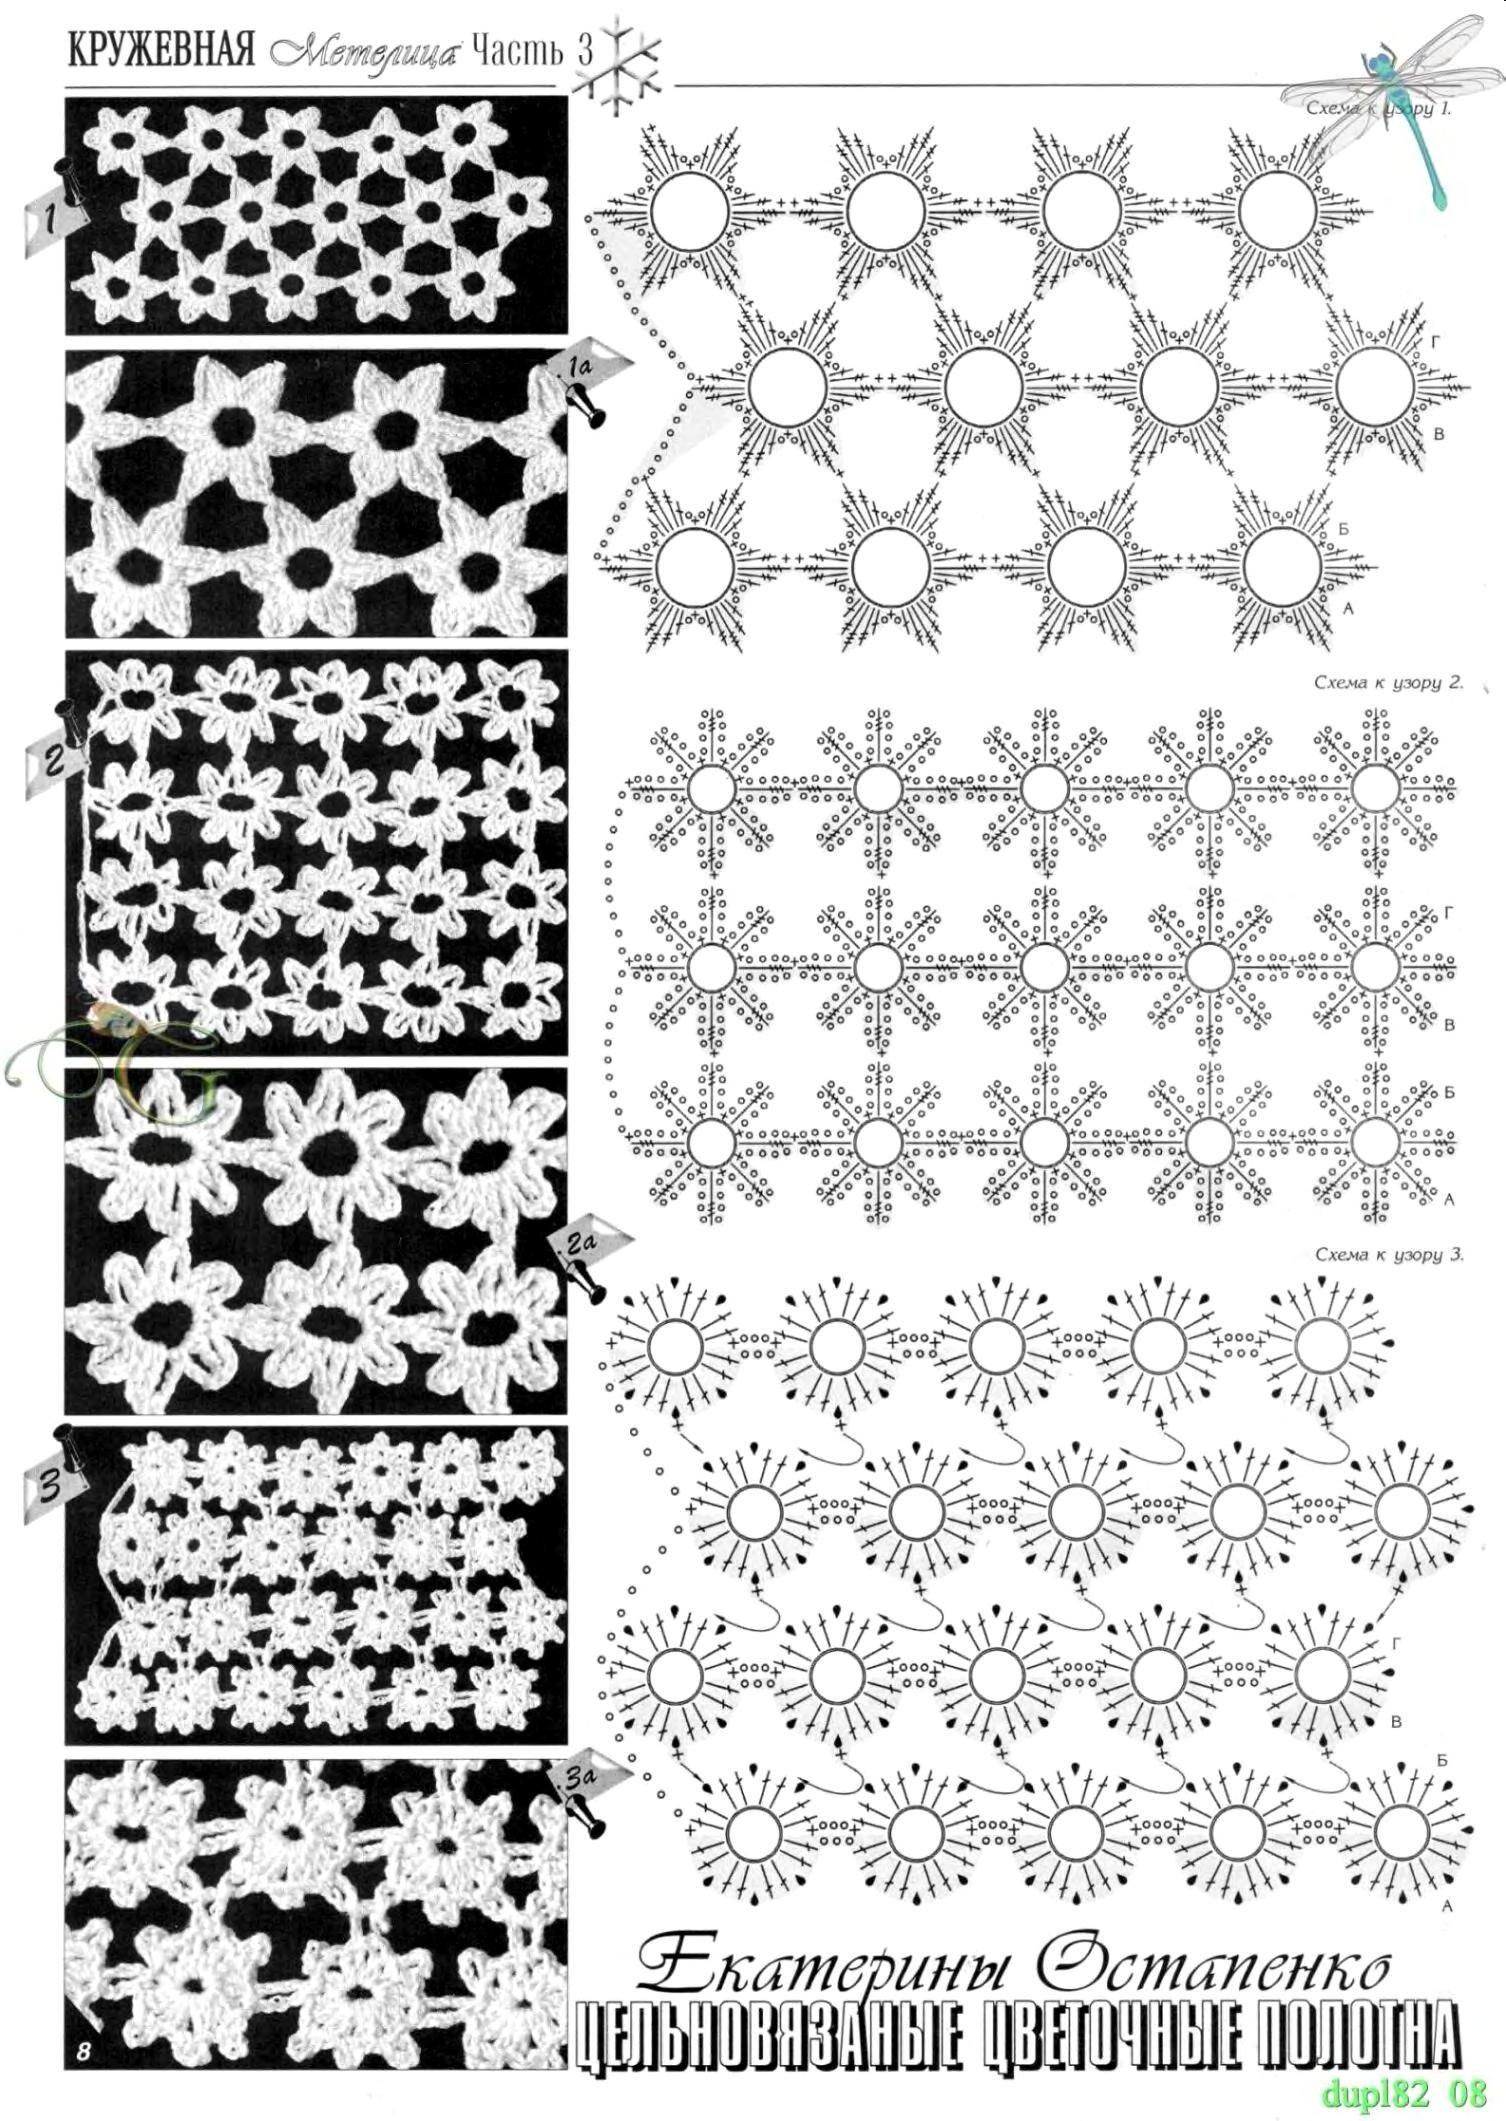 Duplet.82_44.jpg   DD   Pinterest   Aprender crochet, Puntadas y ...